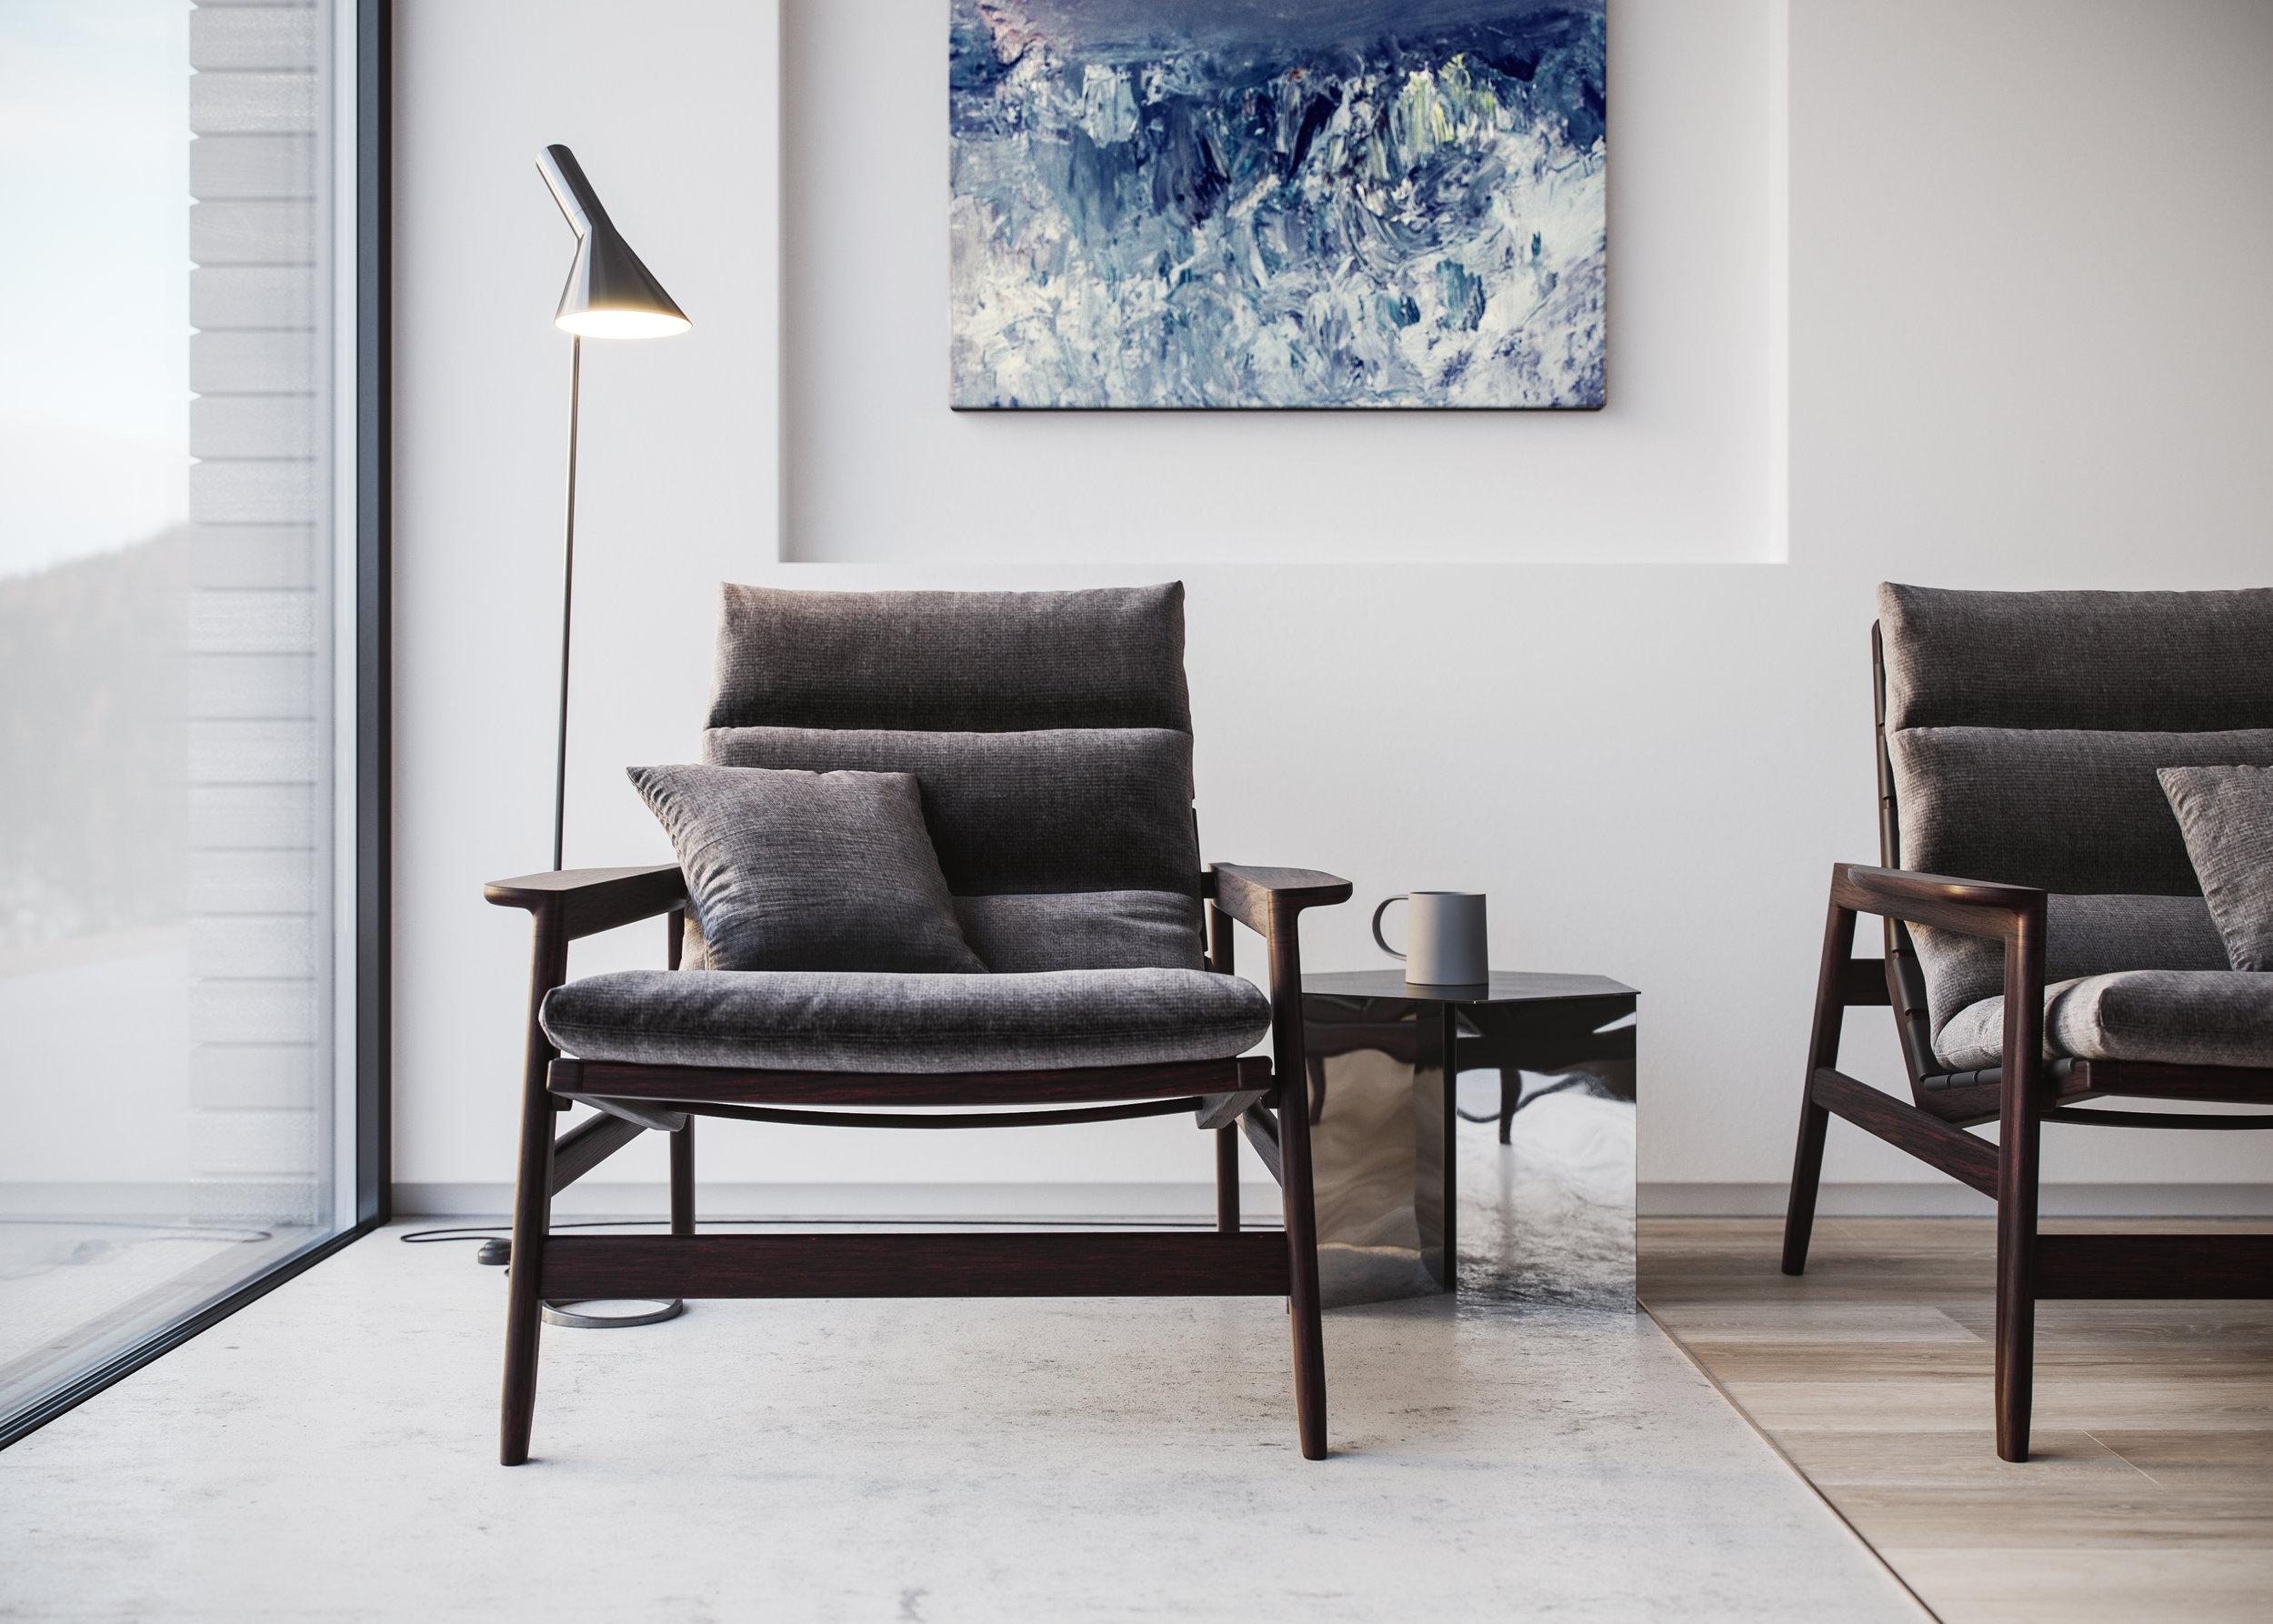 chairs detail AJ.jpg